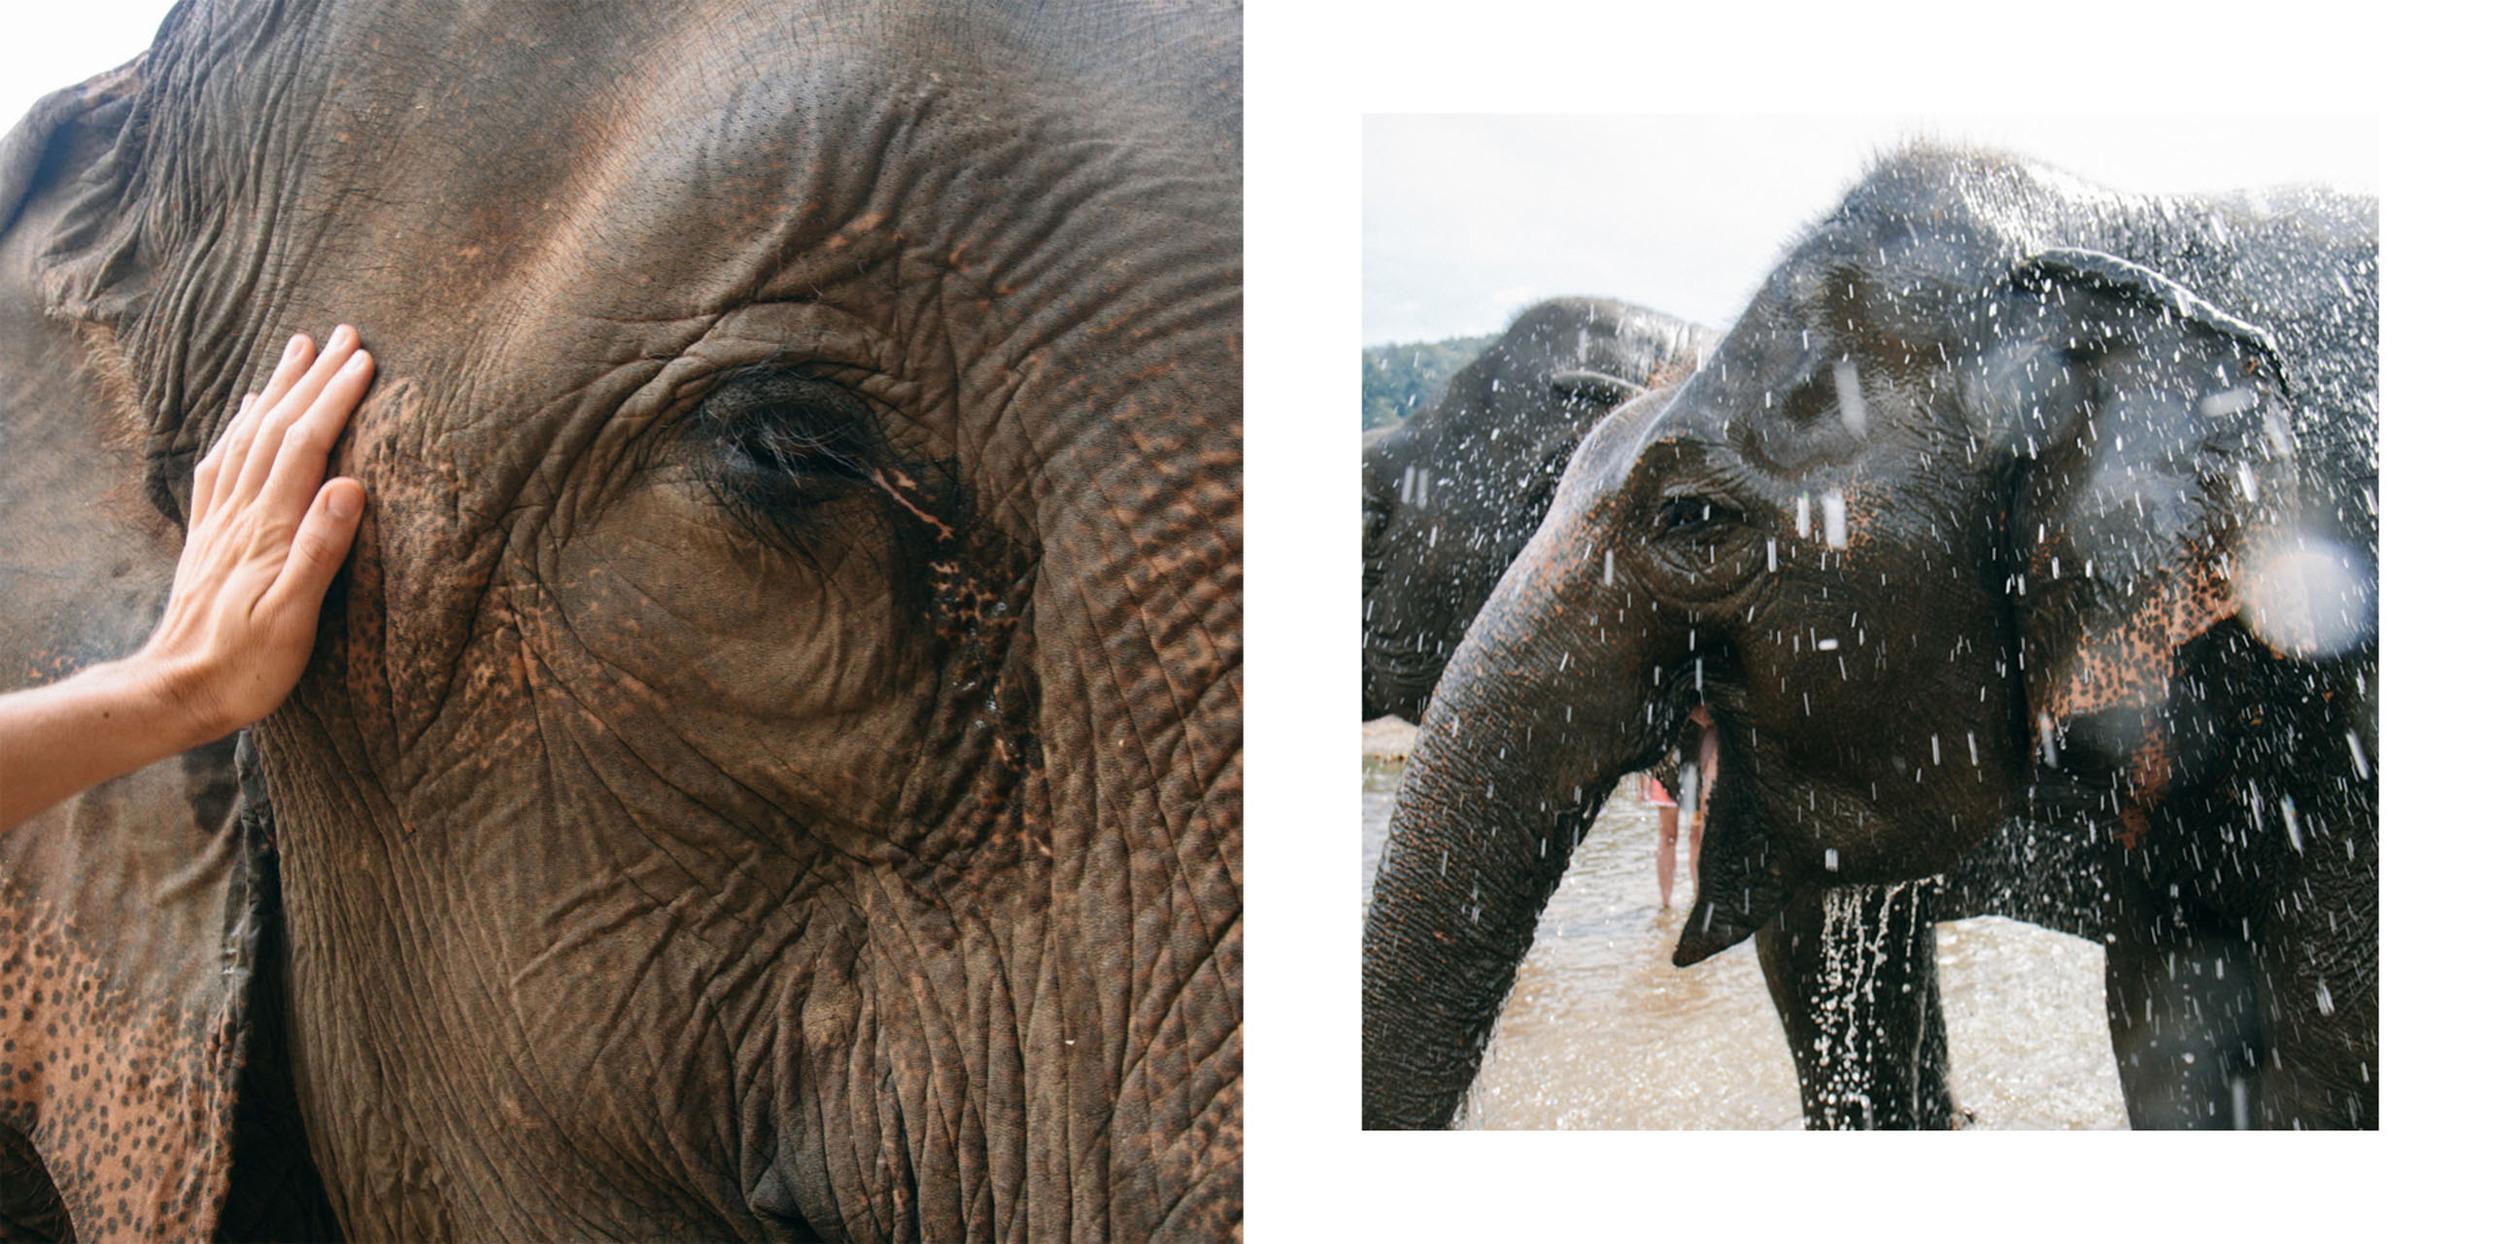 Ren Photography_Elephants_00a.jpg